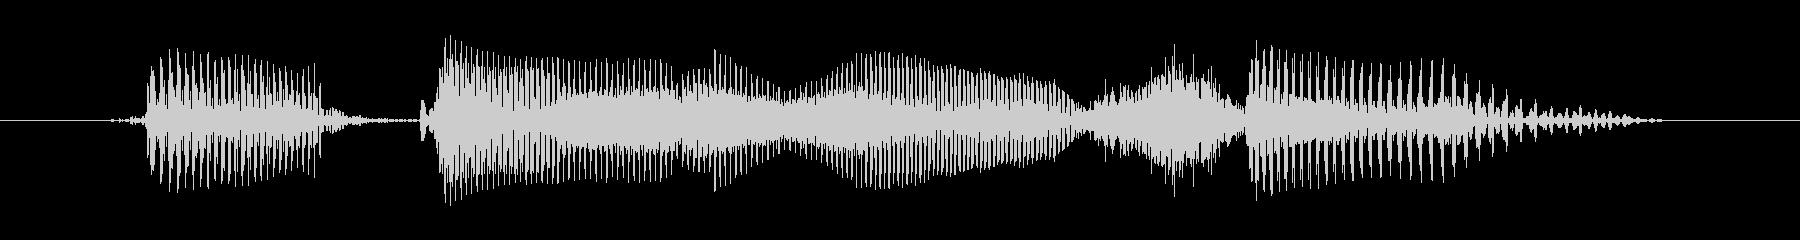 ティーンオスC:ハッピーアニバーサリーの未再生の波形